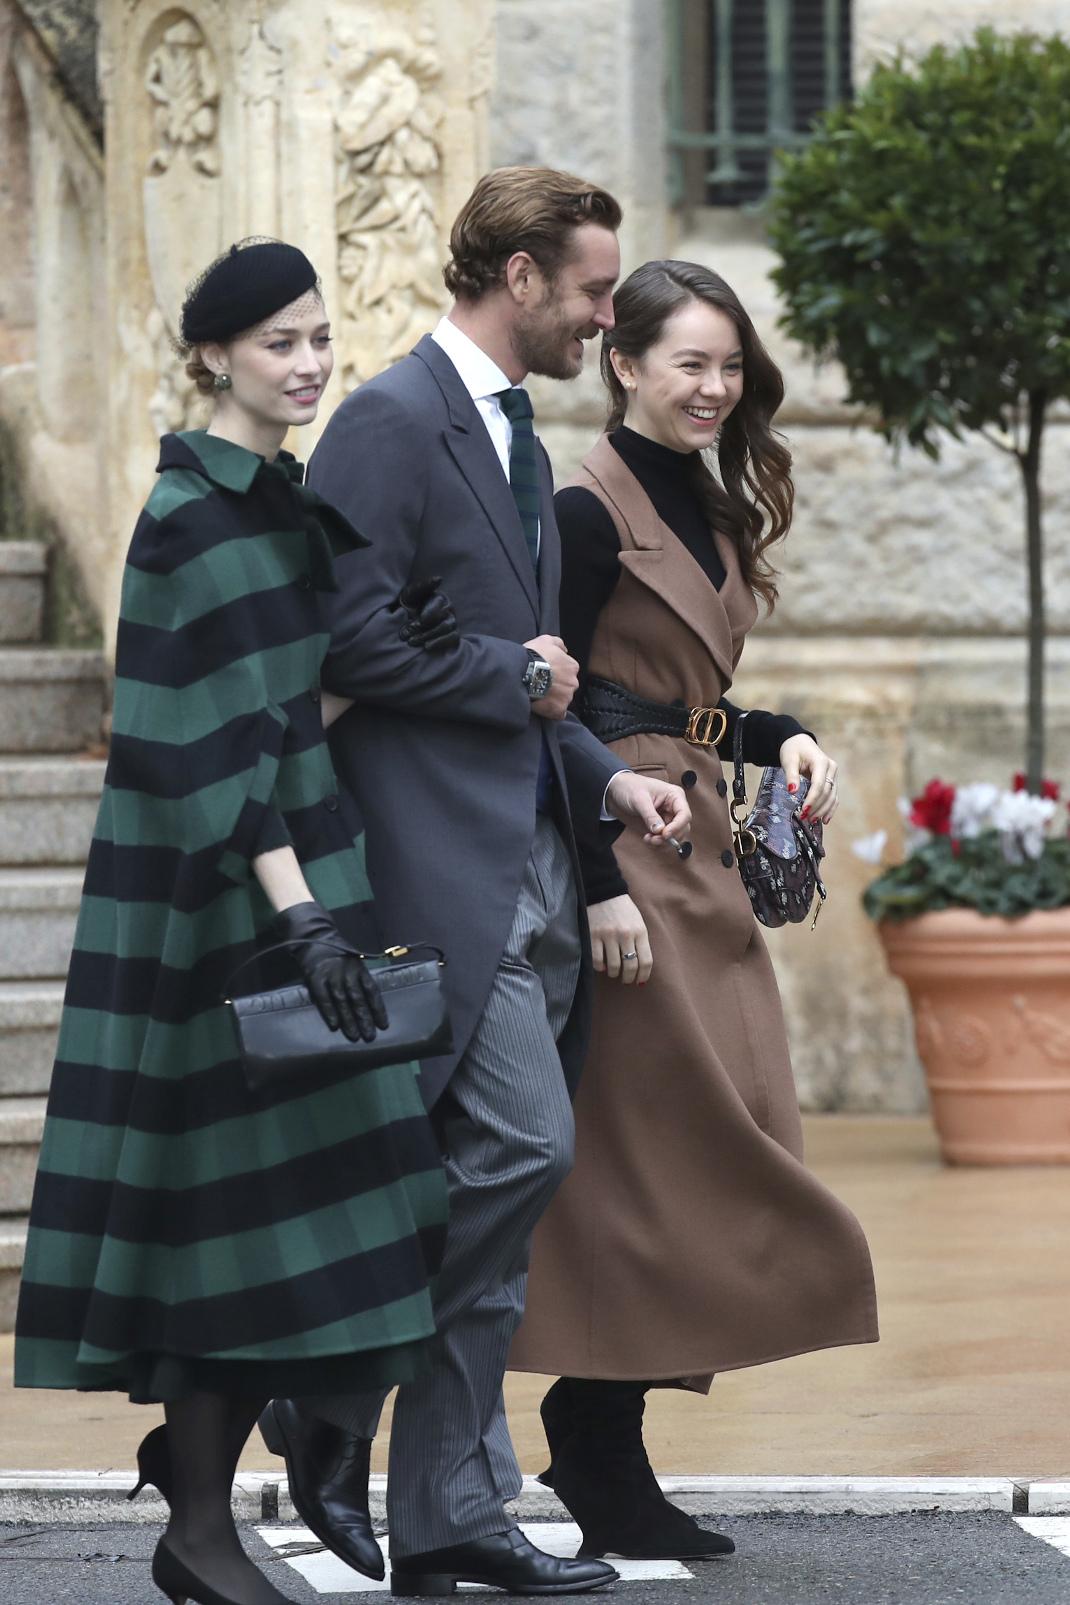 Ο Πιέρ Κασιράγκι με την Μπεατρίς Μπορομέο και την Αλεξάνδρα του Ανόβερο